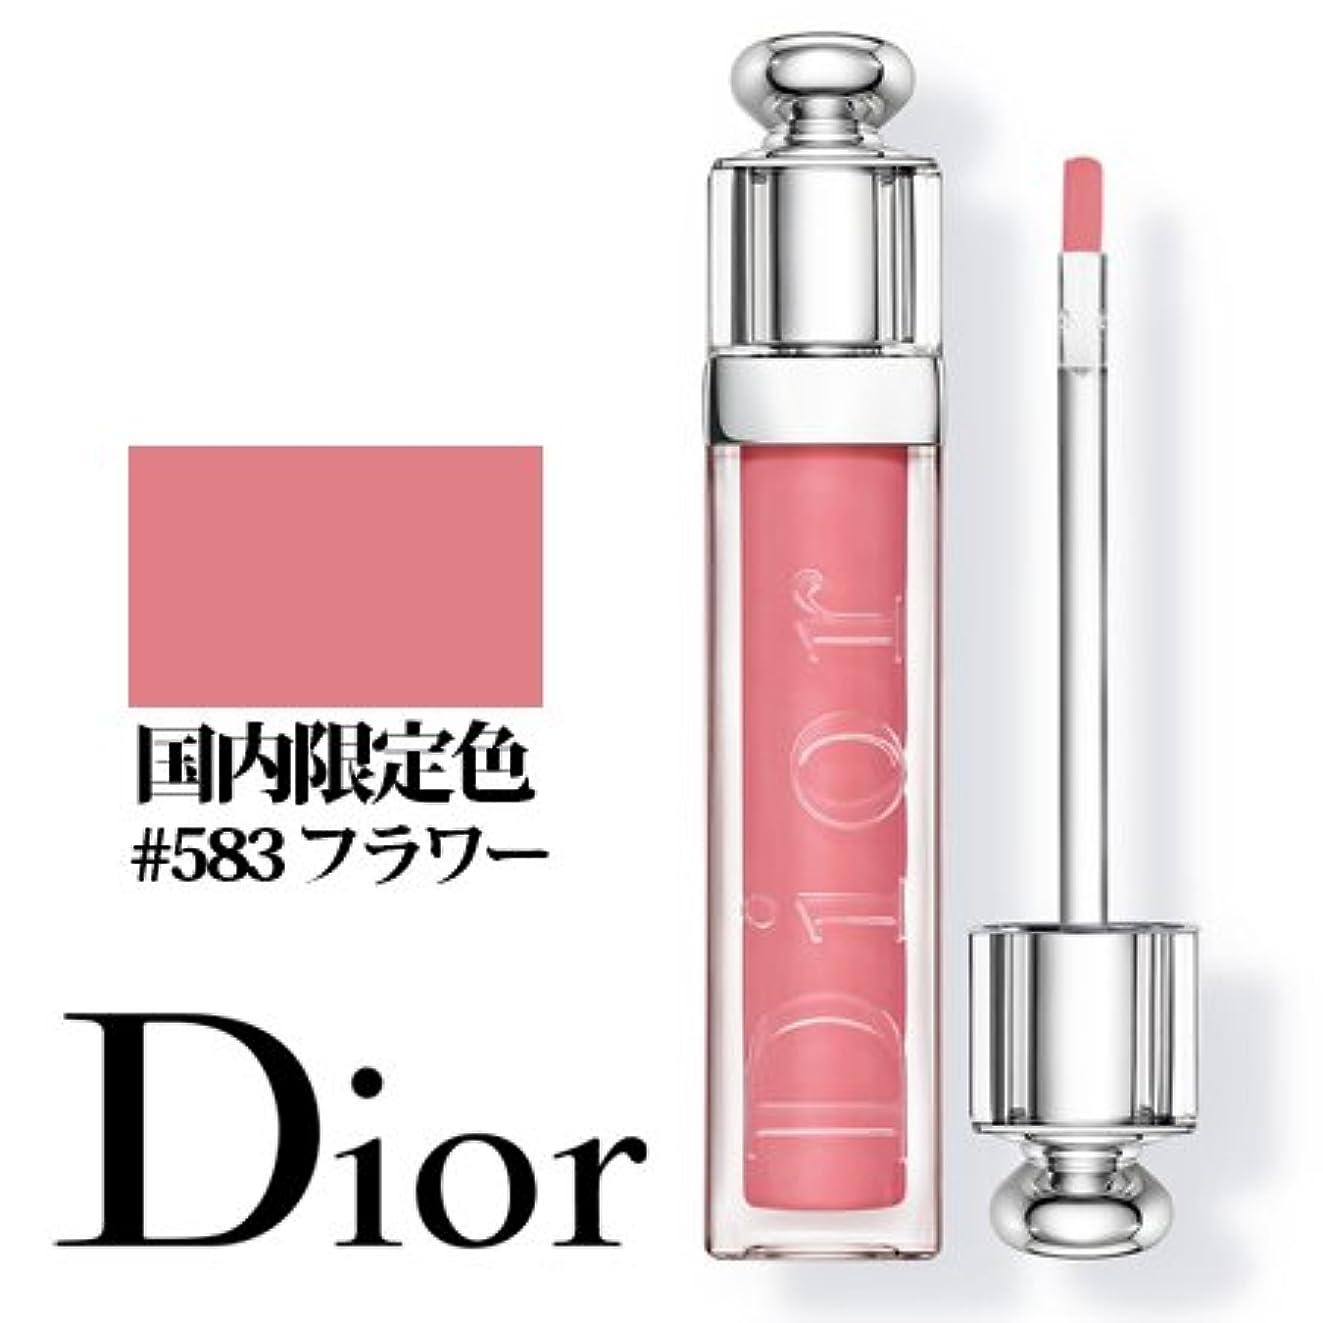 肌寒い直感チャンピオンシップクリスチャン ディオール アディクト グロス #583 フラワー [国内限定色] -Dior- 【国内正規品】